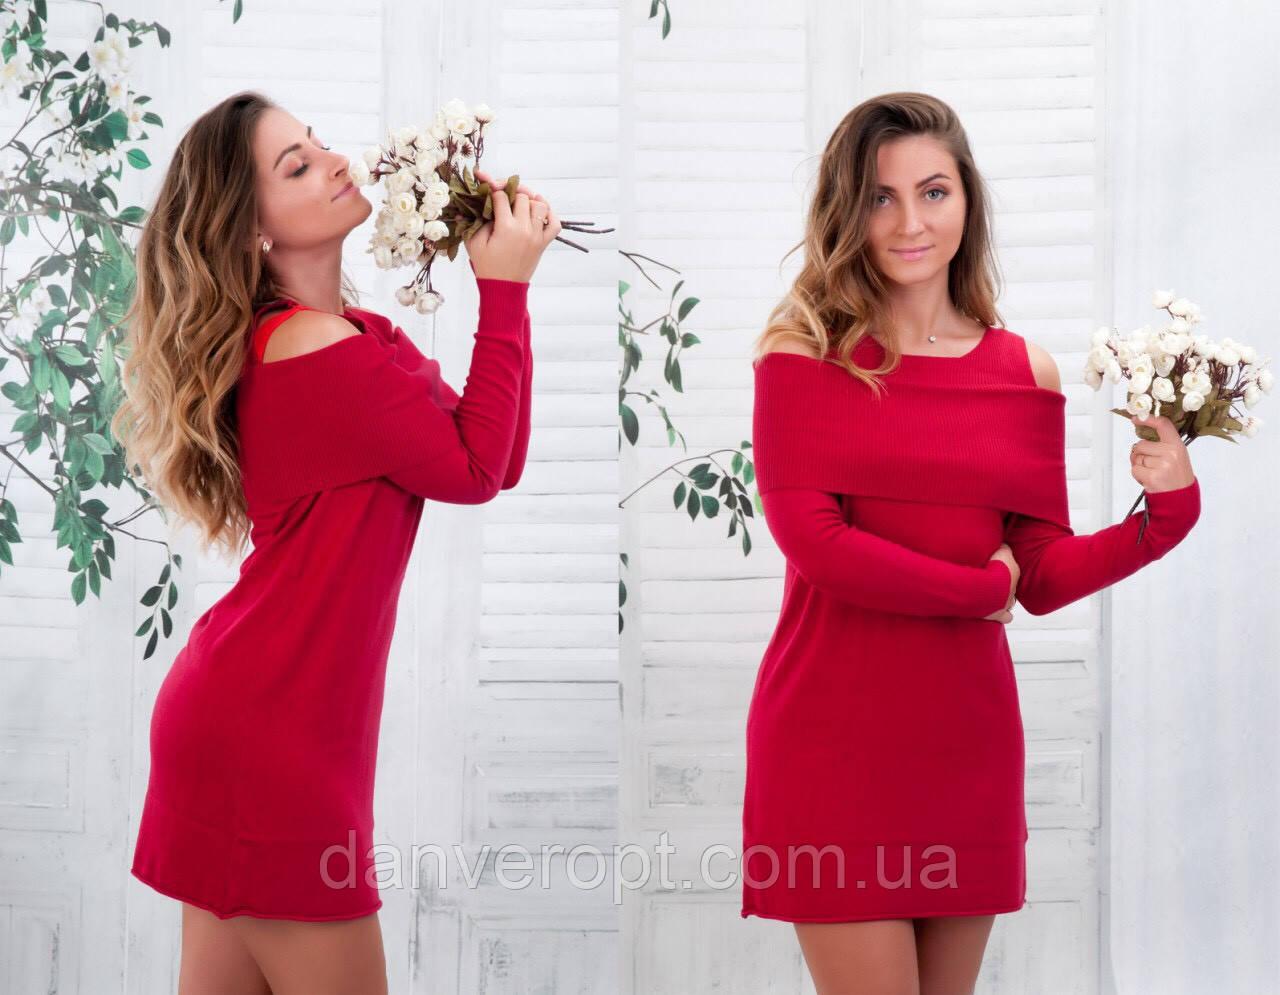 Платье женское стильное яркое размер универсальный 44-50 купить оптом со склада 7км Одесса